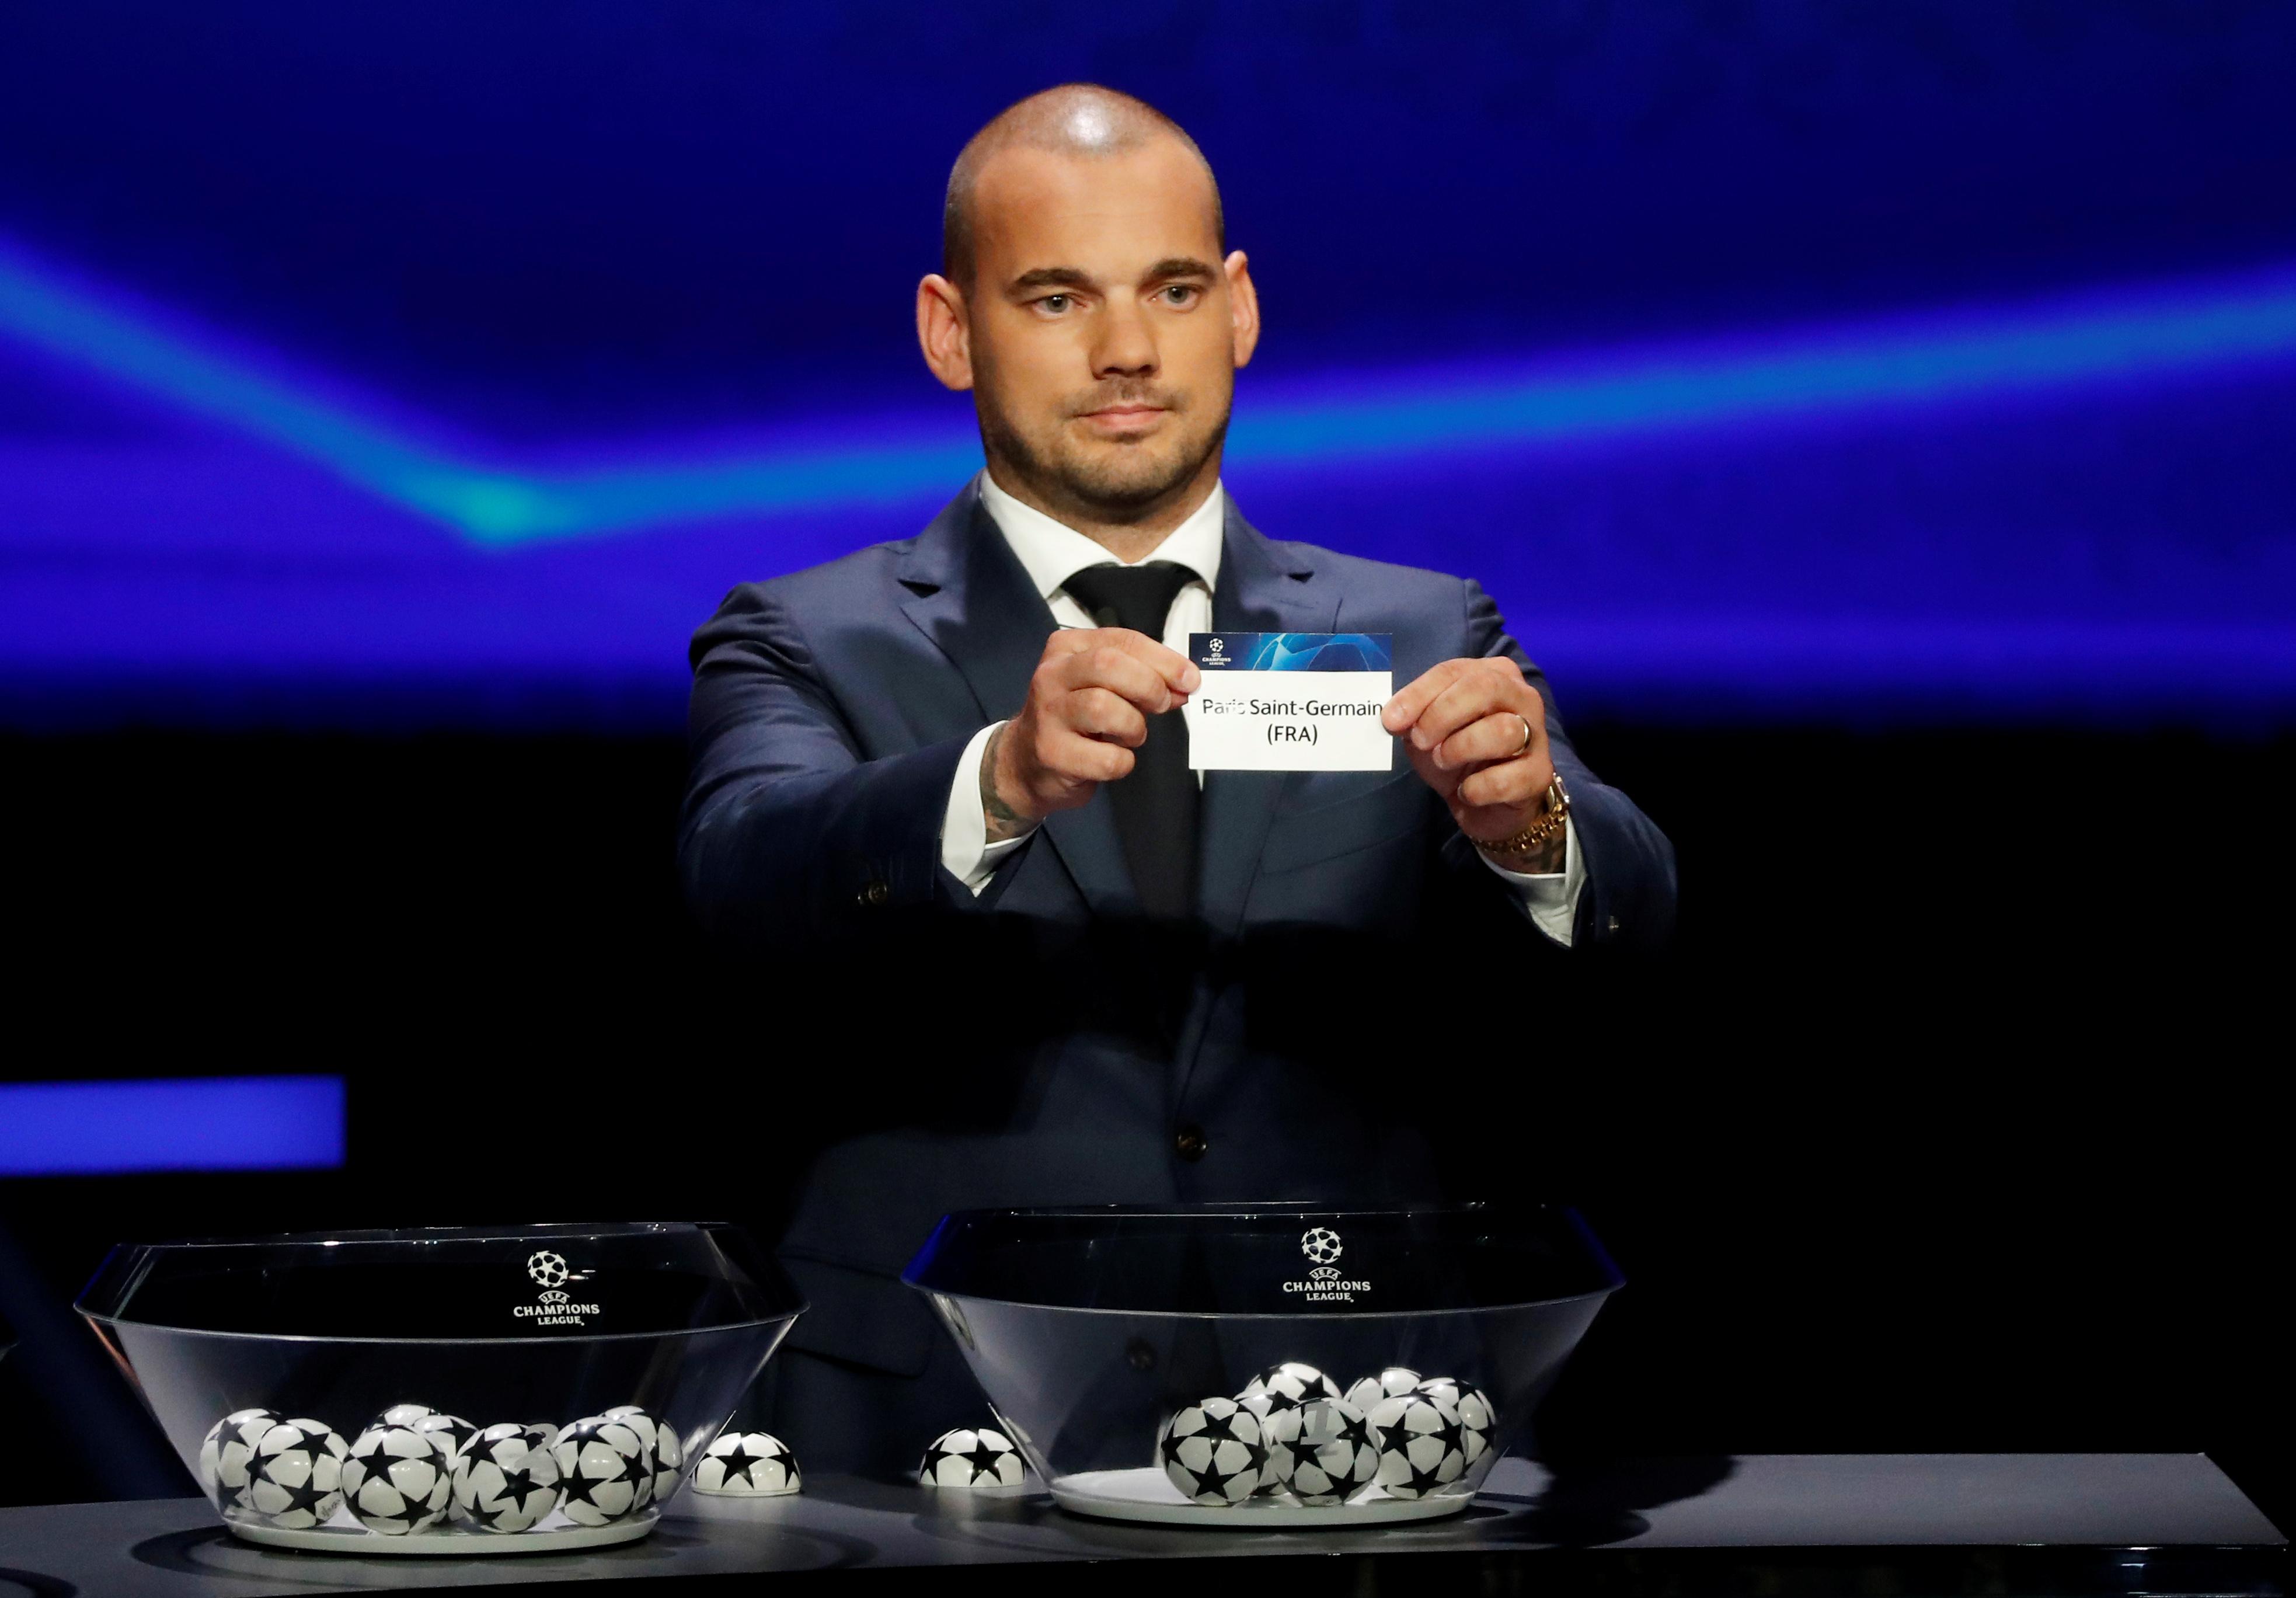 Ligue Des Champions Calendrier 2020.Ligue Des Champions Le Tirage Au Sort Complet Et La